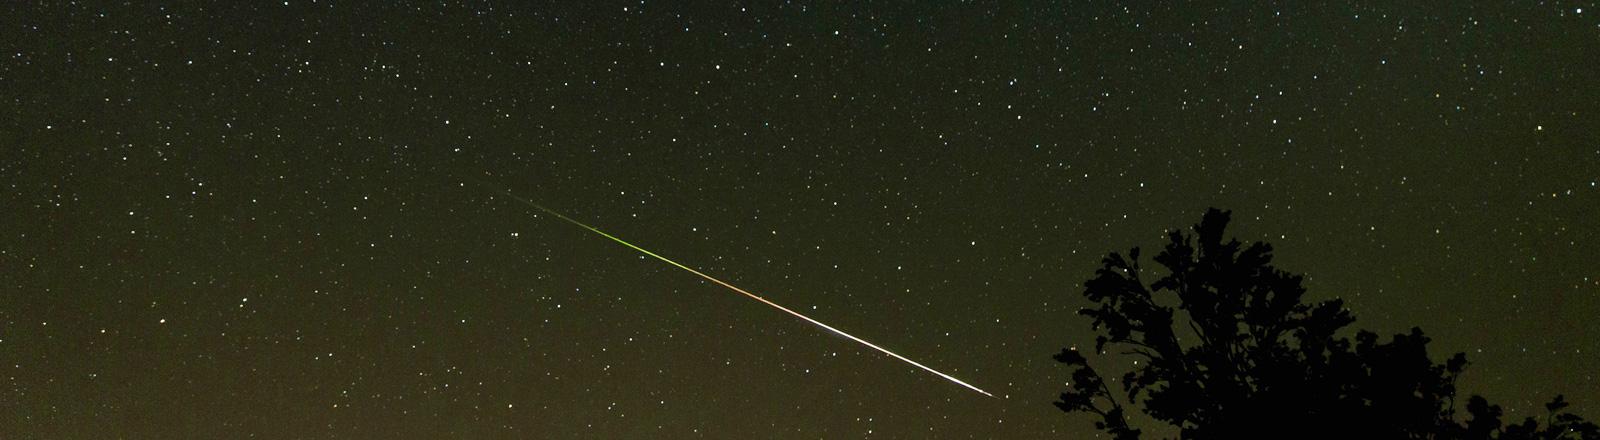 Eine Sternschnuppe am nächtlichen Sternenhimmel.